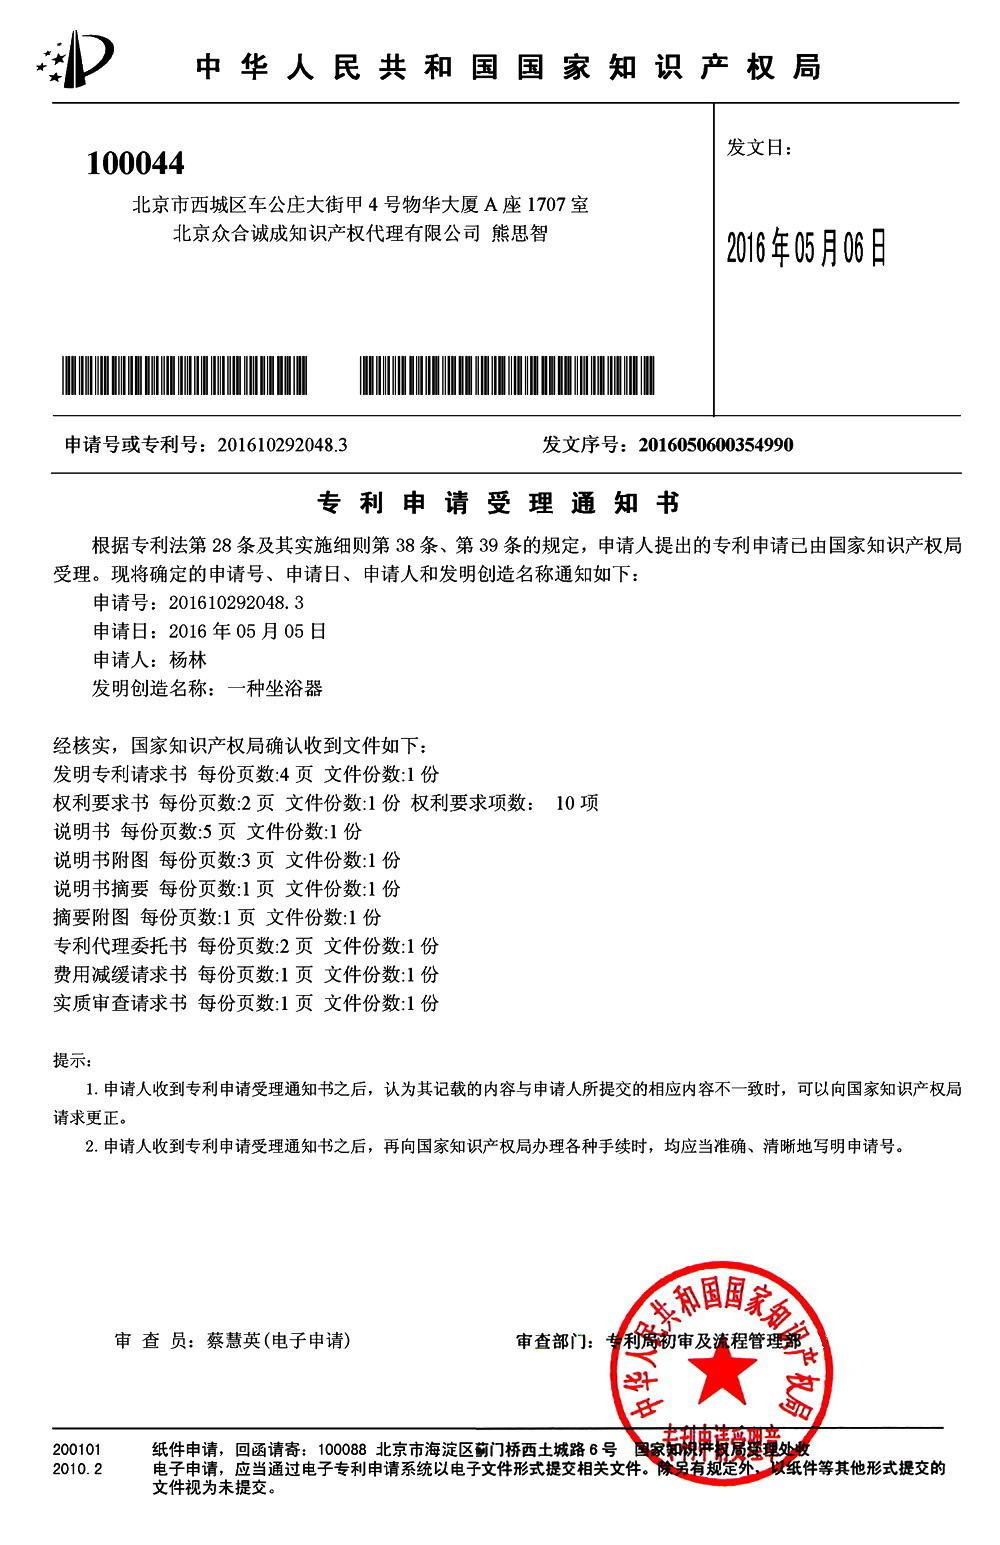 专利申请受理通知书 原件扫描件_看图王